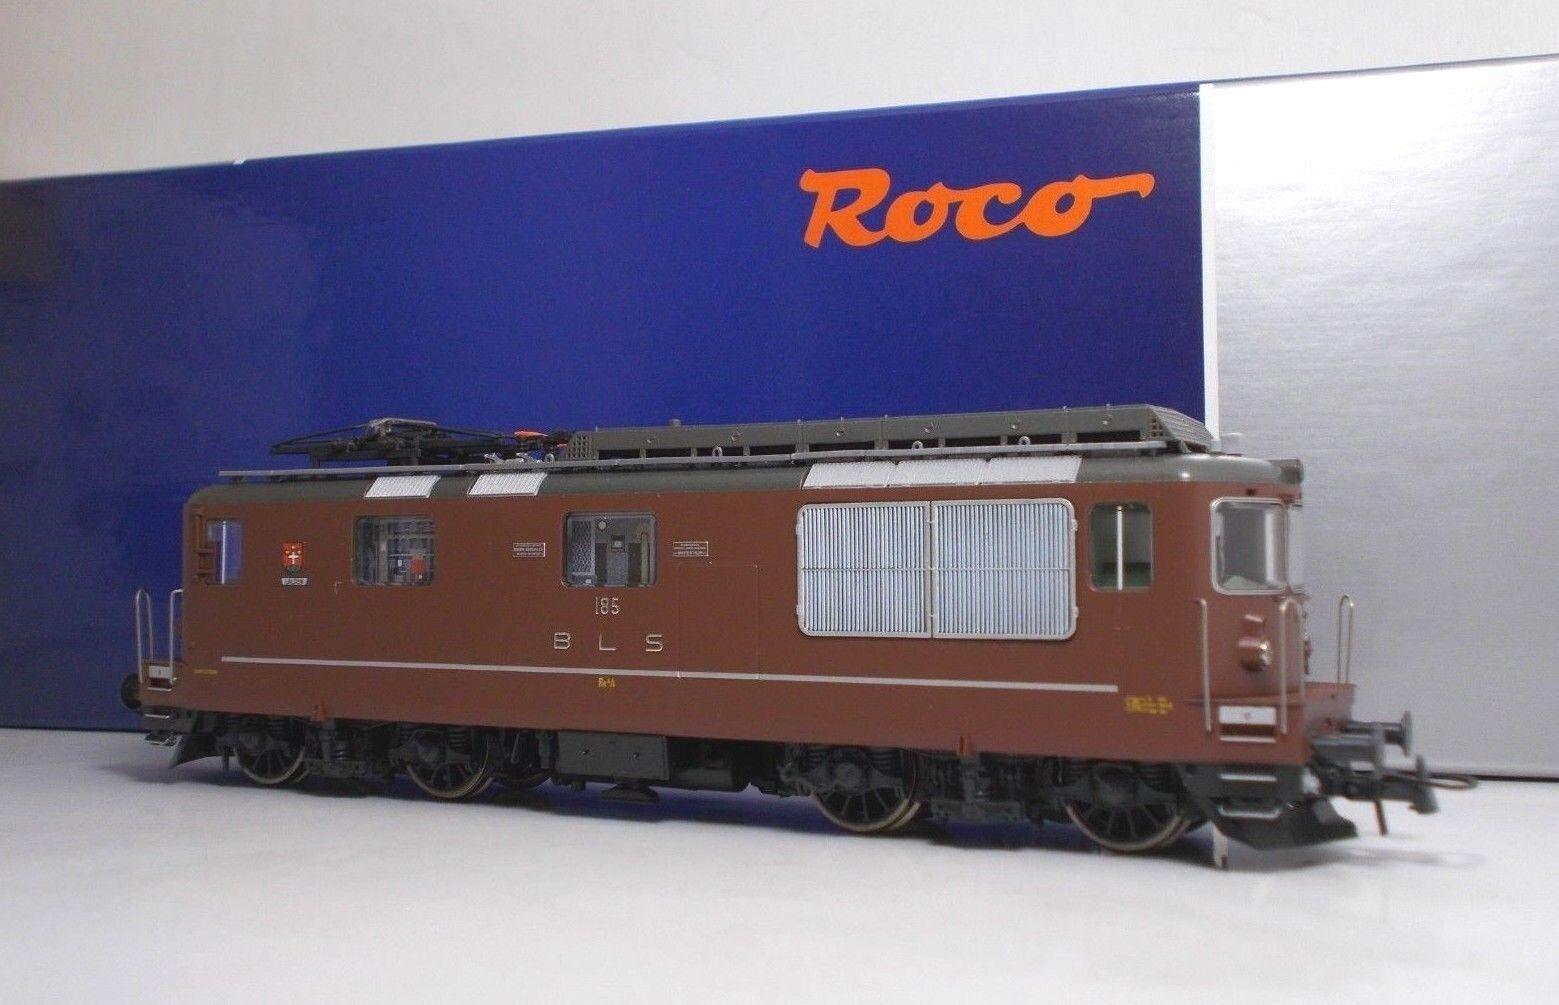 ROCO 73780 BLS Elektrolokomotive Re 4 4 4 4 185 Ep IV-V 919c95